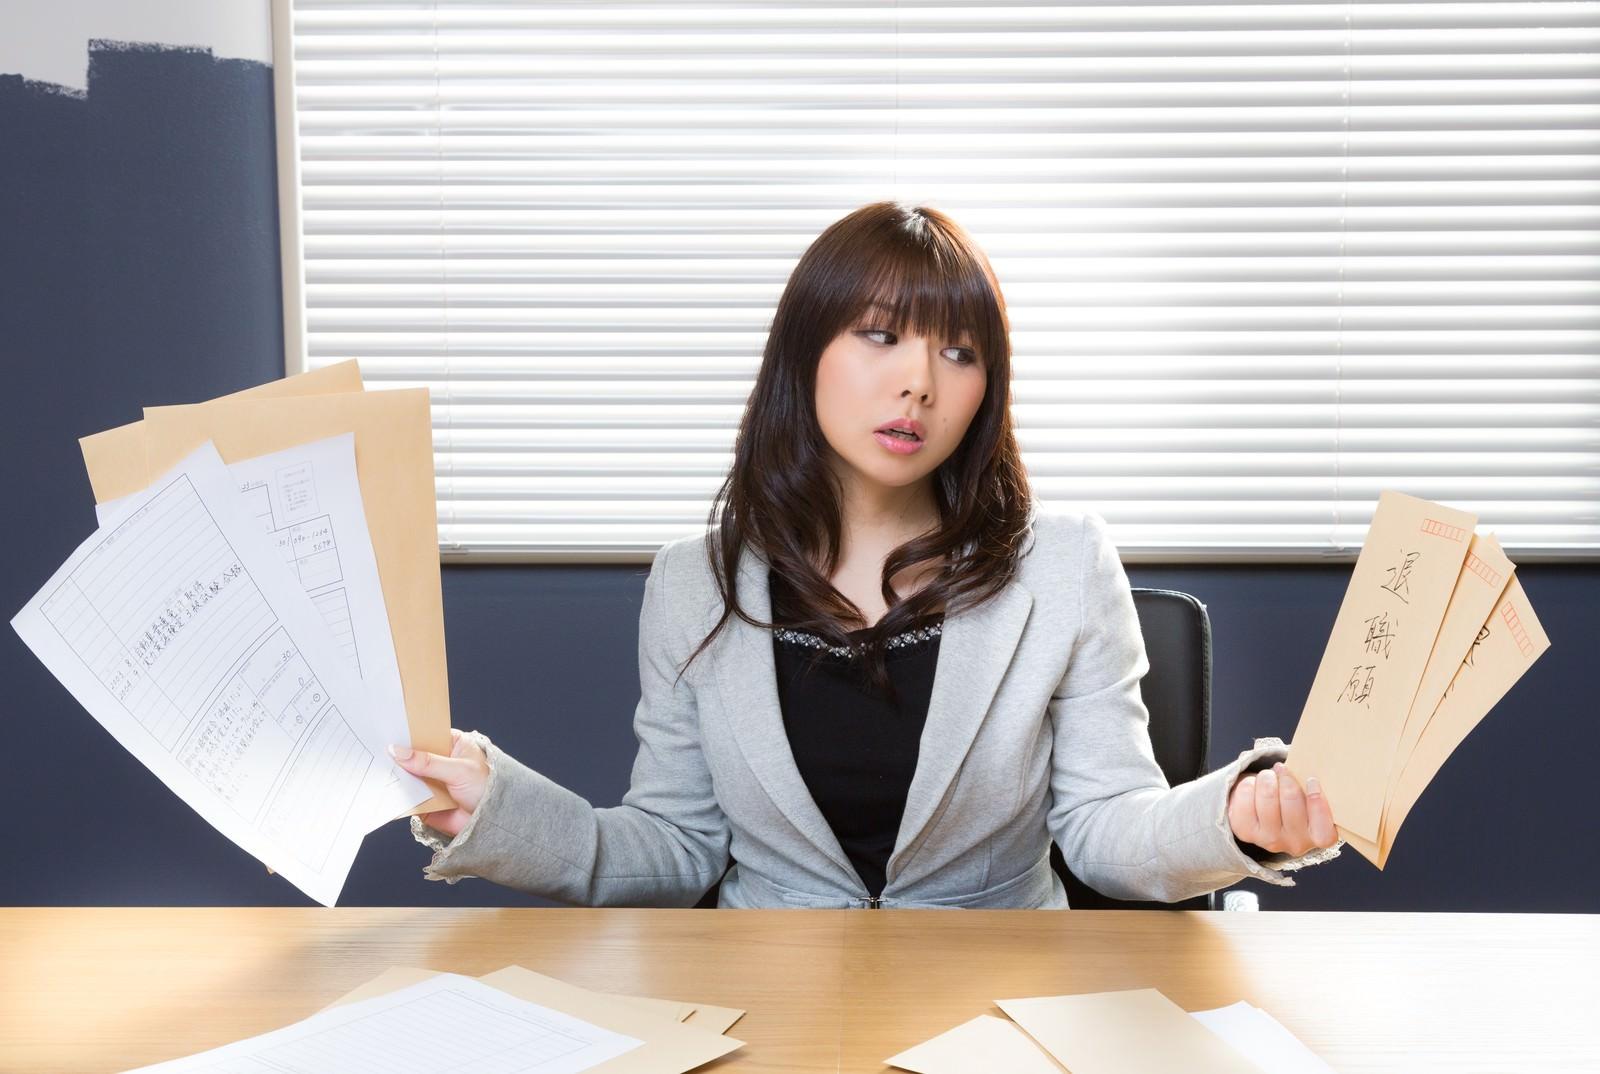 最適な「転職のタイミング」と「転職を伝えるタイミング」のサムネイル画像